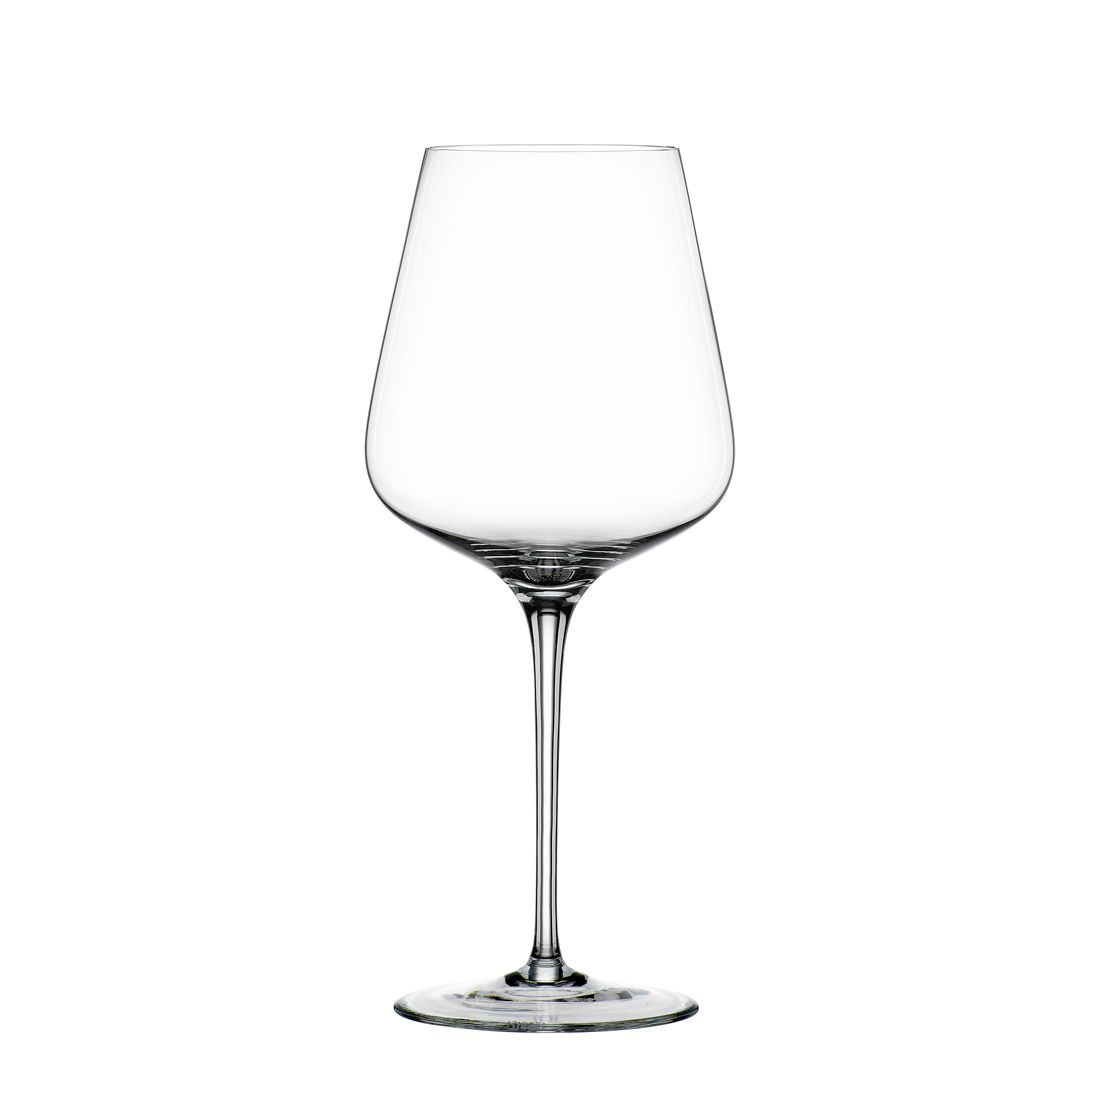 Hybrid Rotwein-Magnum-Glas 6er-Set, Spiegelau bestellen